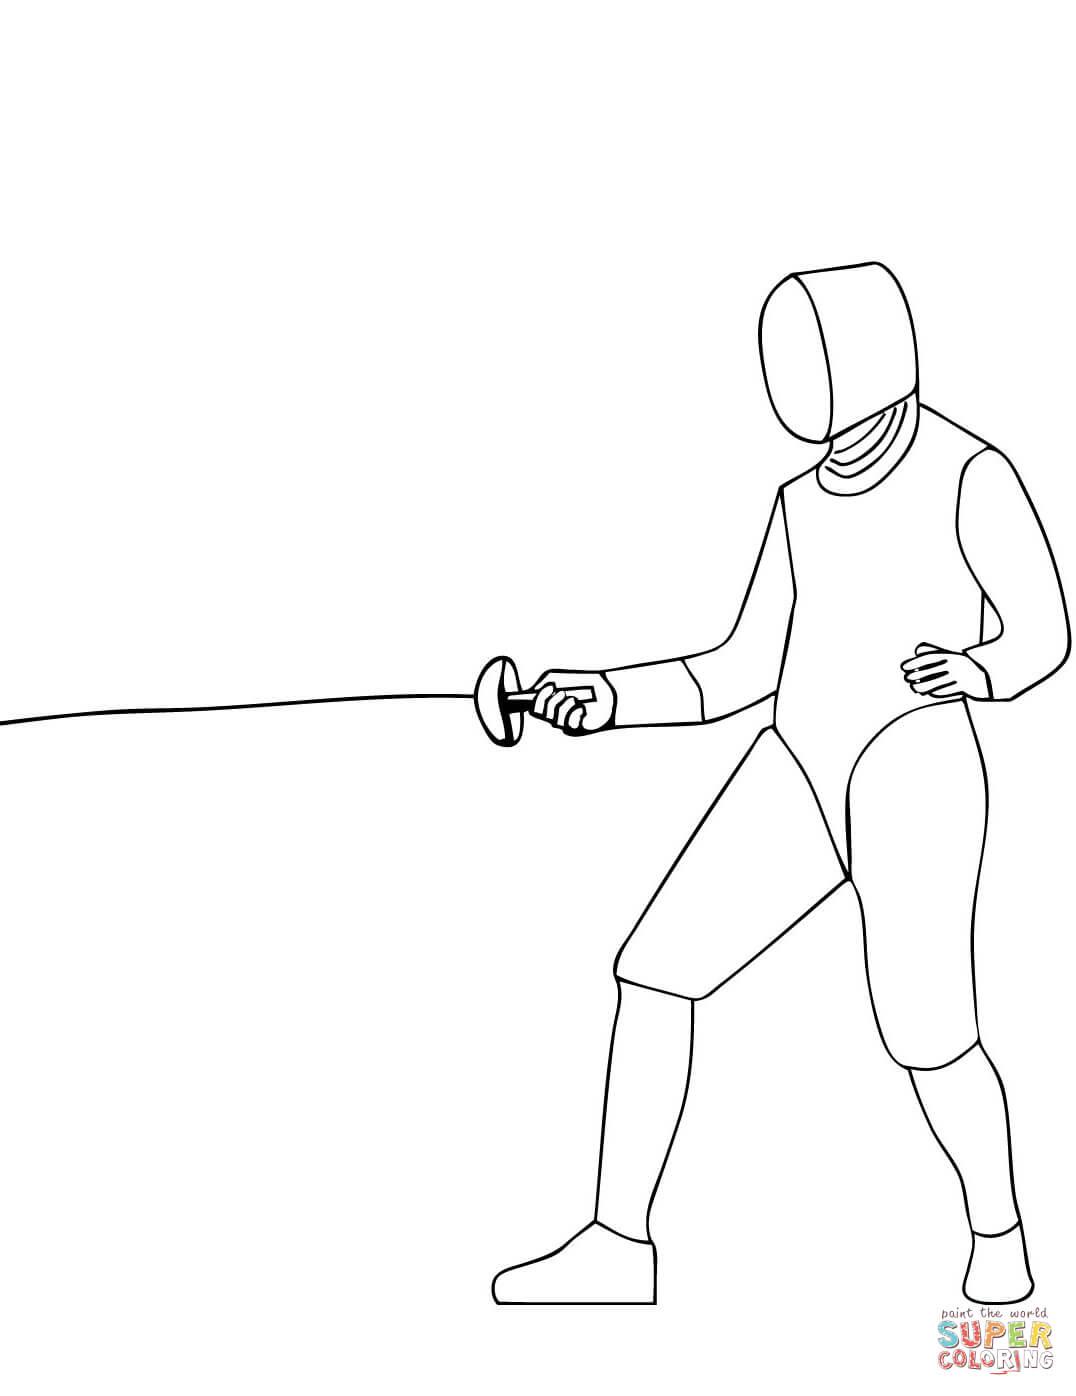 Coloriage - Escrime À L'Épée | Coloriages À Imprimer Gratuits avec Coloriage Épée